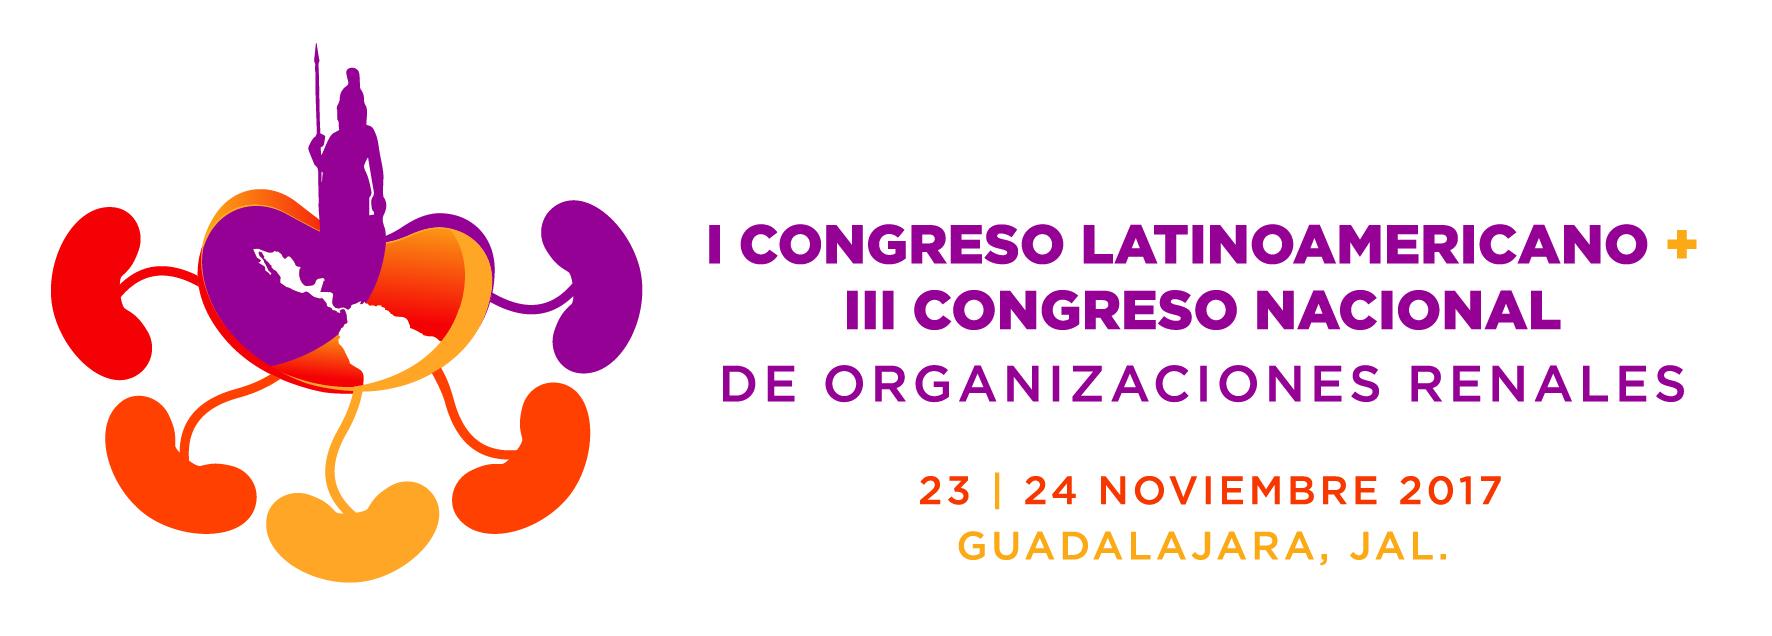 III CONGRESO NACIONAL – I CONGRESO LATINOAMERICANO DE ORGANIZACIONES RENALES y II REUNIÓN DE CONSEJOS Y CENTROS ESTATALES DE TRASPLANTES Y COORDINACIONES INSTITUCIONALES.